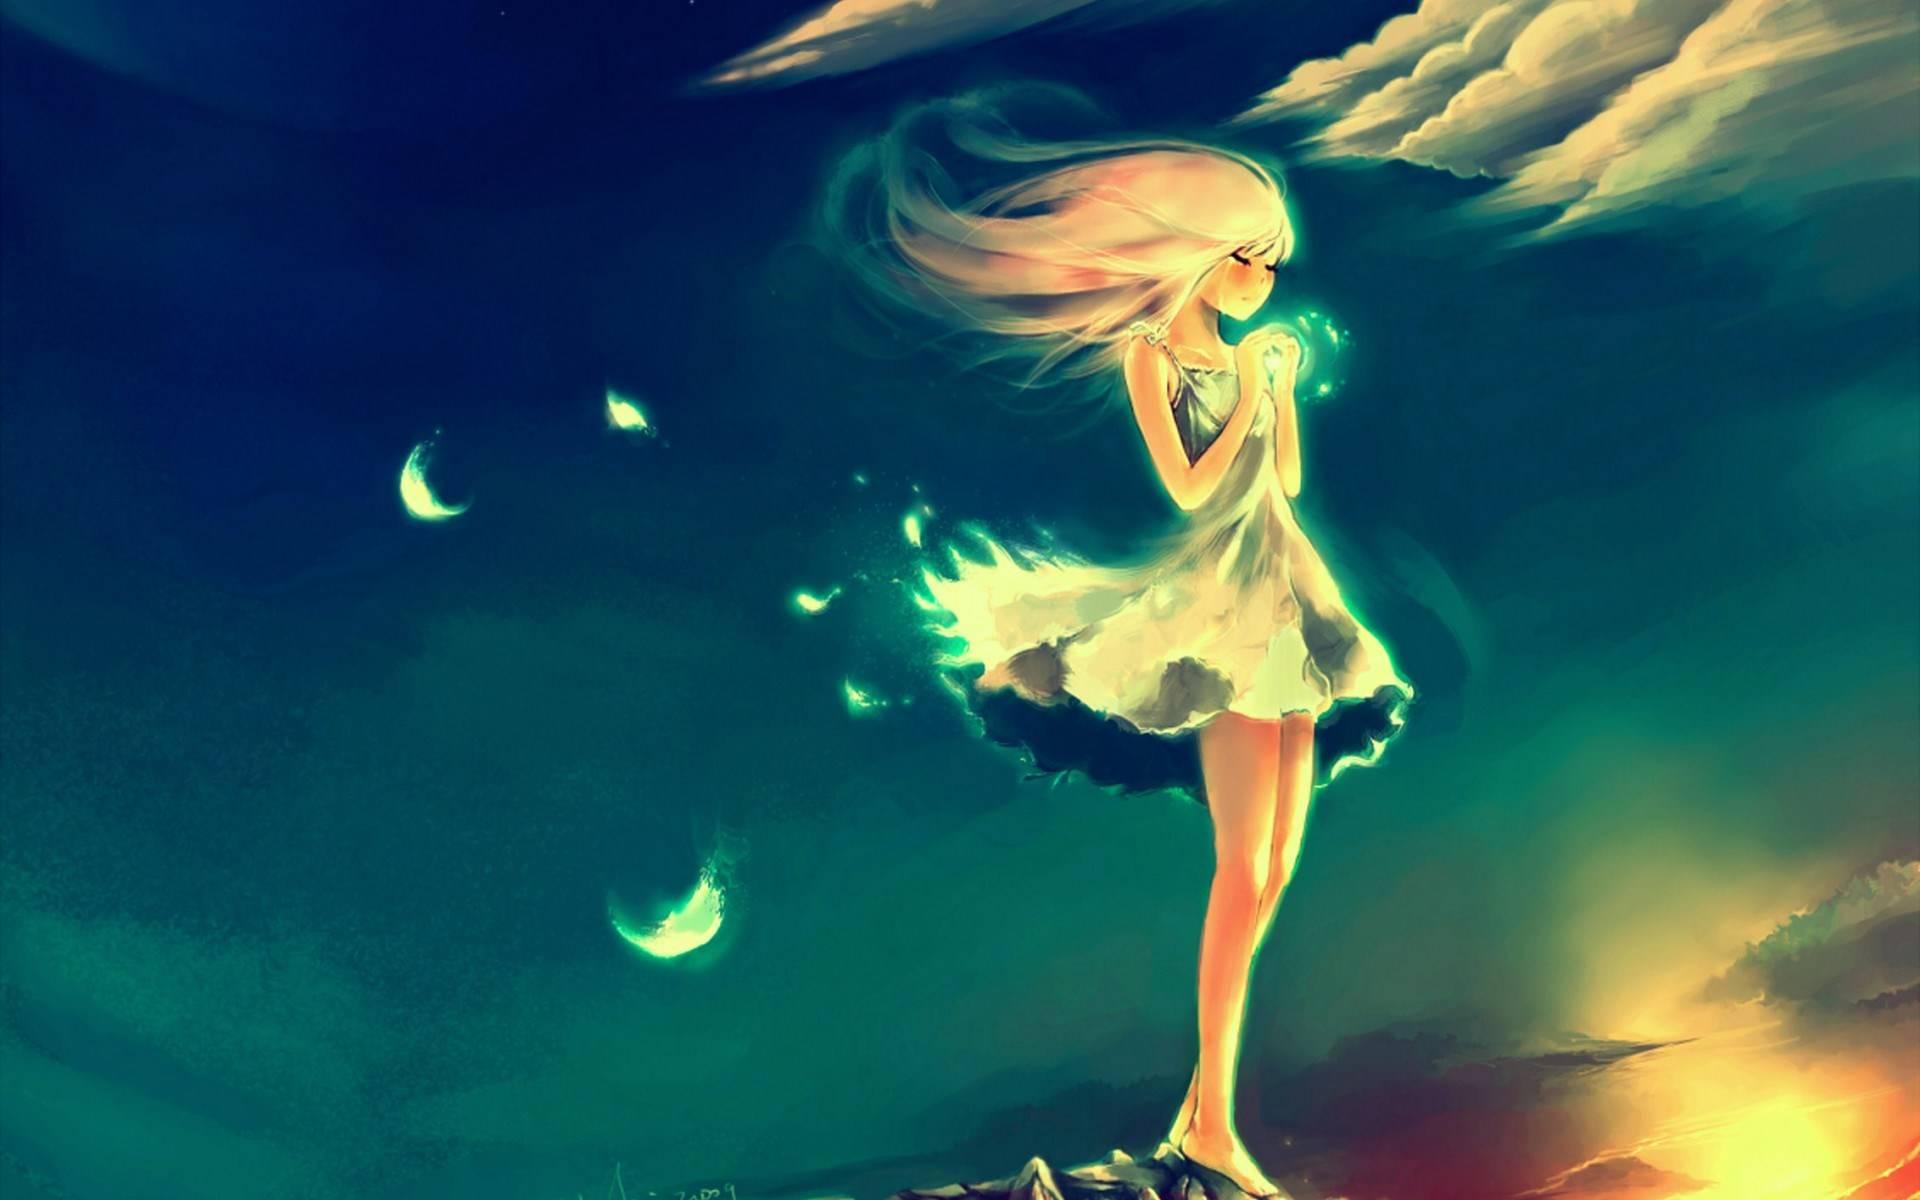 Hình ảnh anime nữ cô đơn